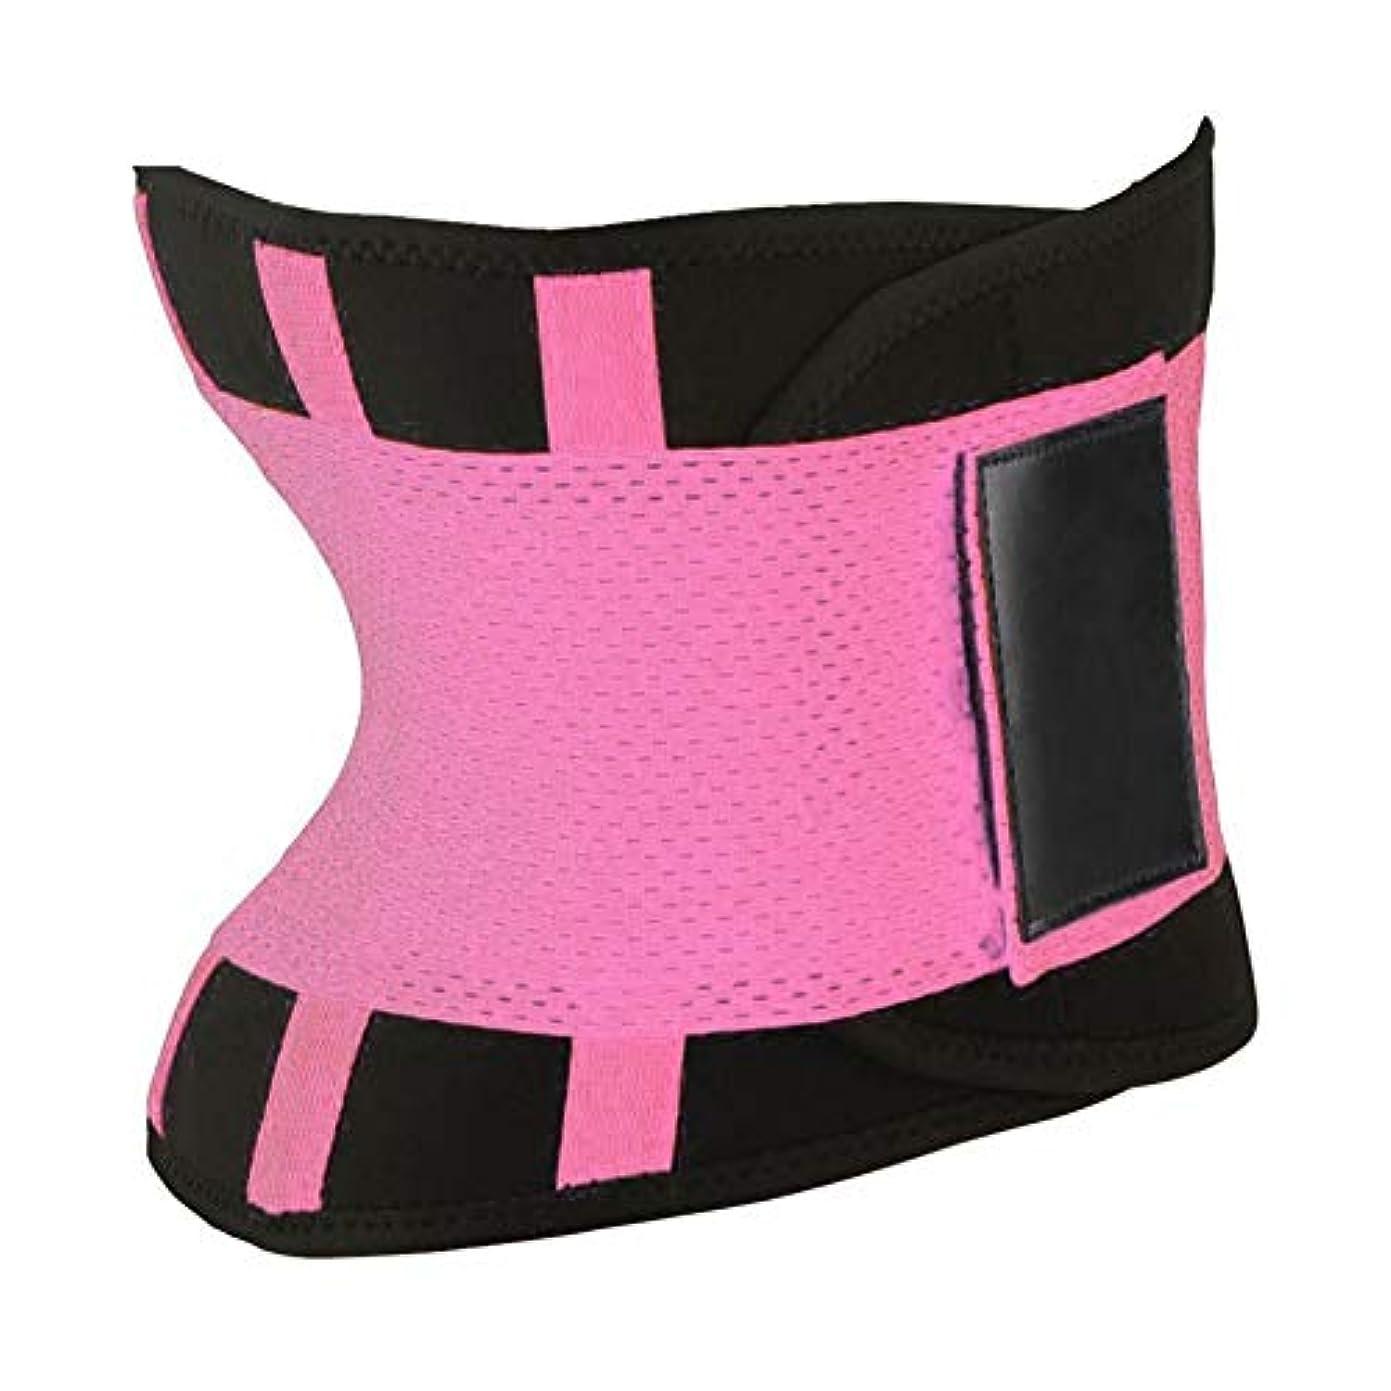 口頭見える手術快適な女性ボディシェイパー痩身シェイパーベルトスポーツ女性ウエストトレーナーニッパー制御バーニングボディおなかベルト - ピンク2xl